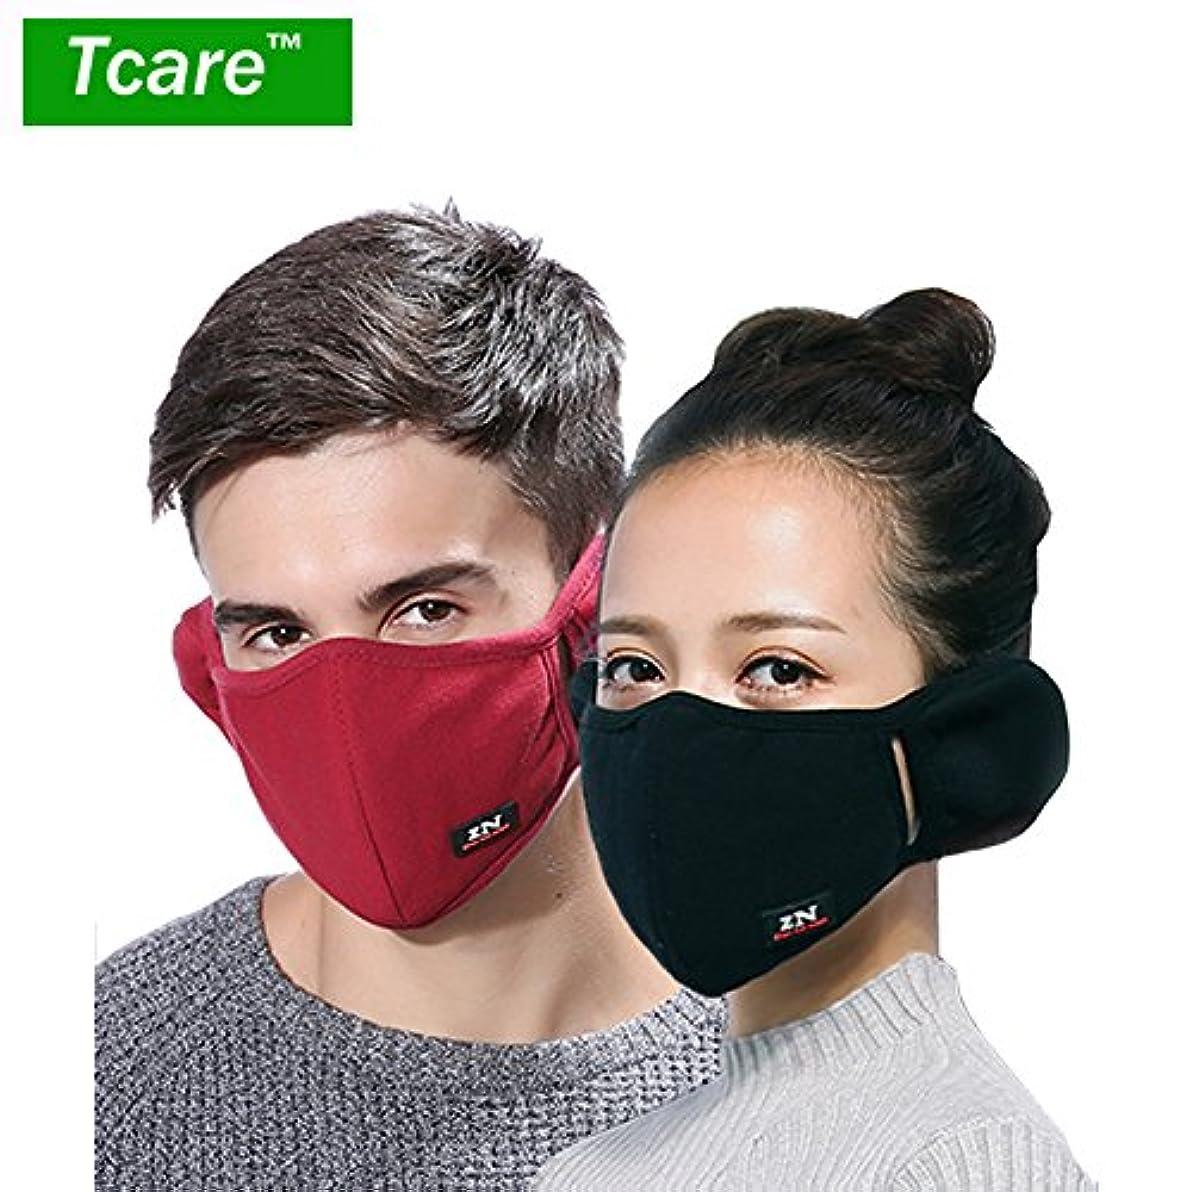 振りかけるヘッジクラッチ男性女性の少年少女のためのTcare呼吸器2レイヤピュアコットン保護フィルター挿入口:10紺